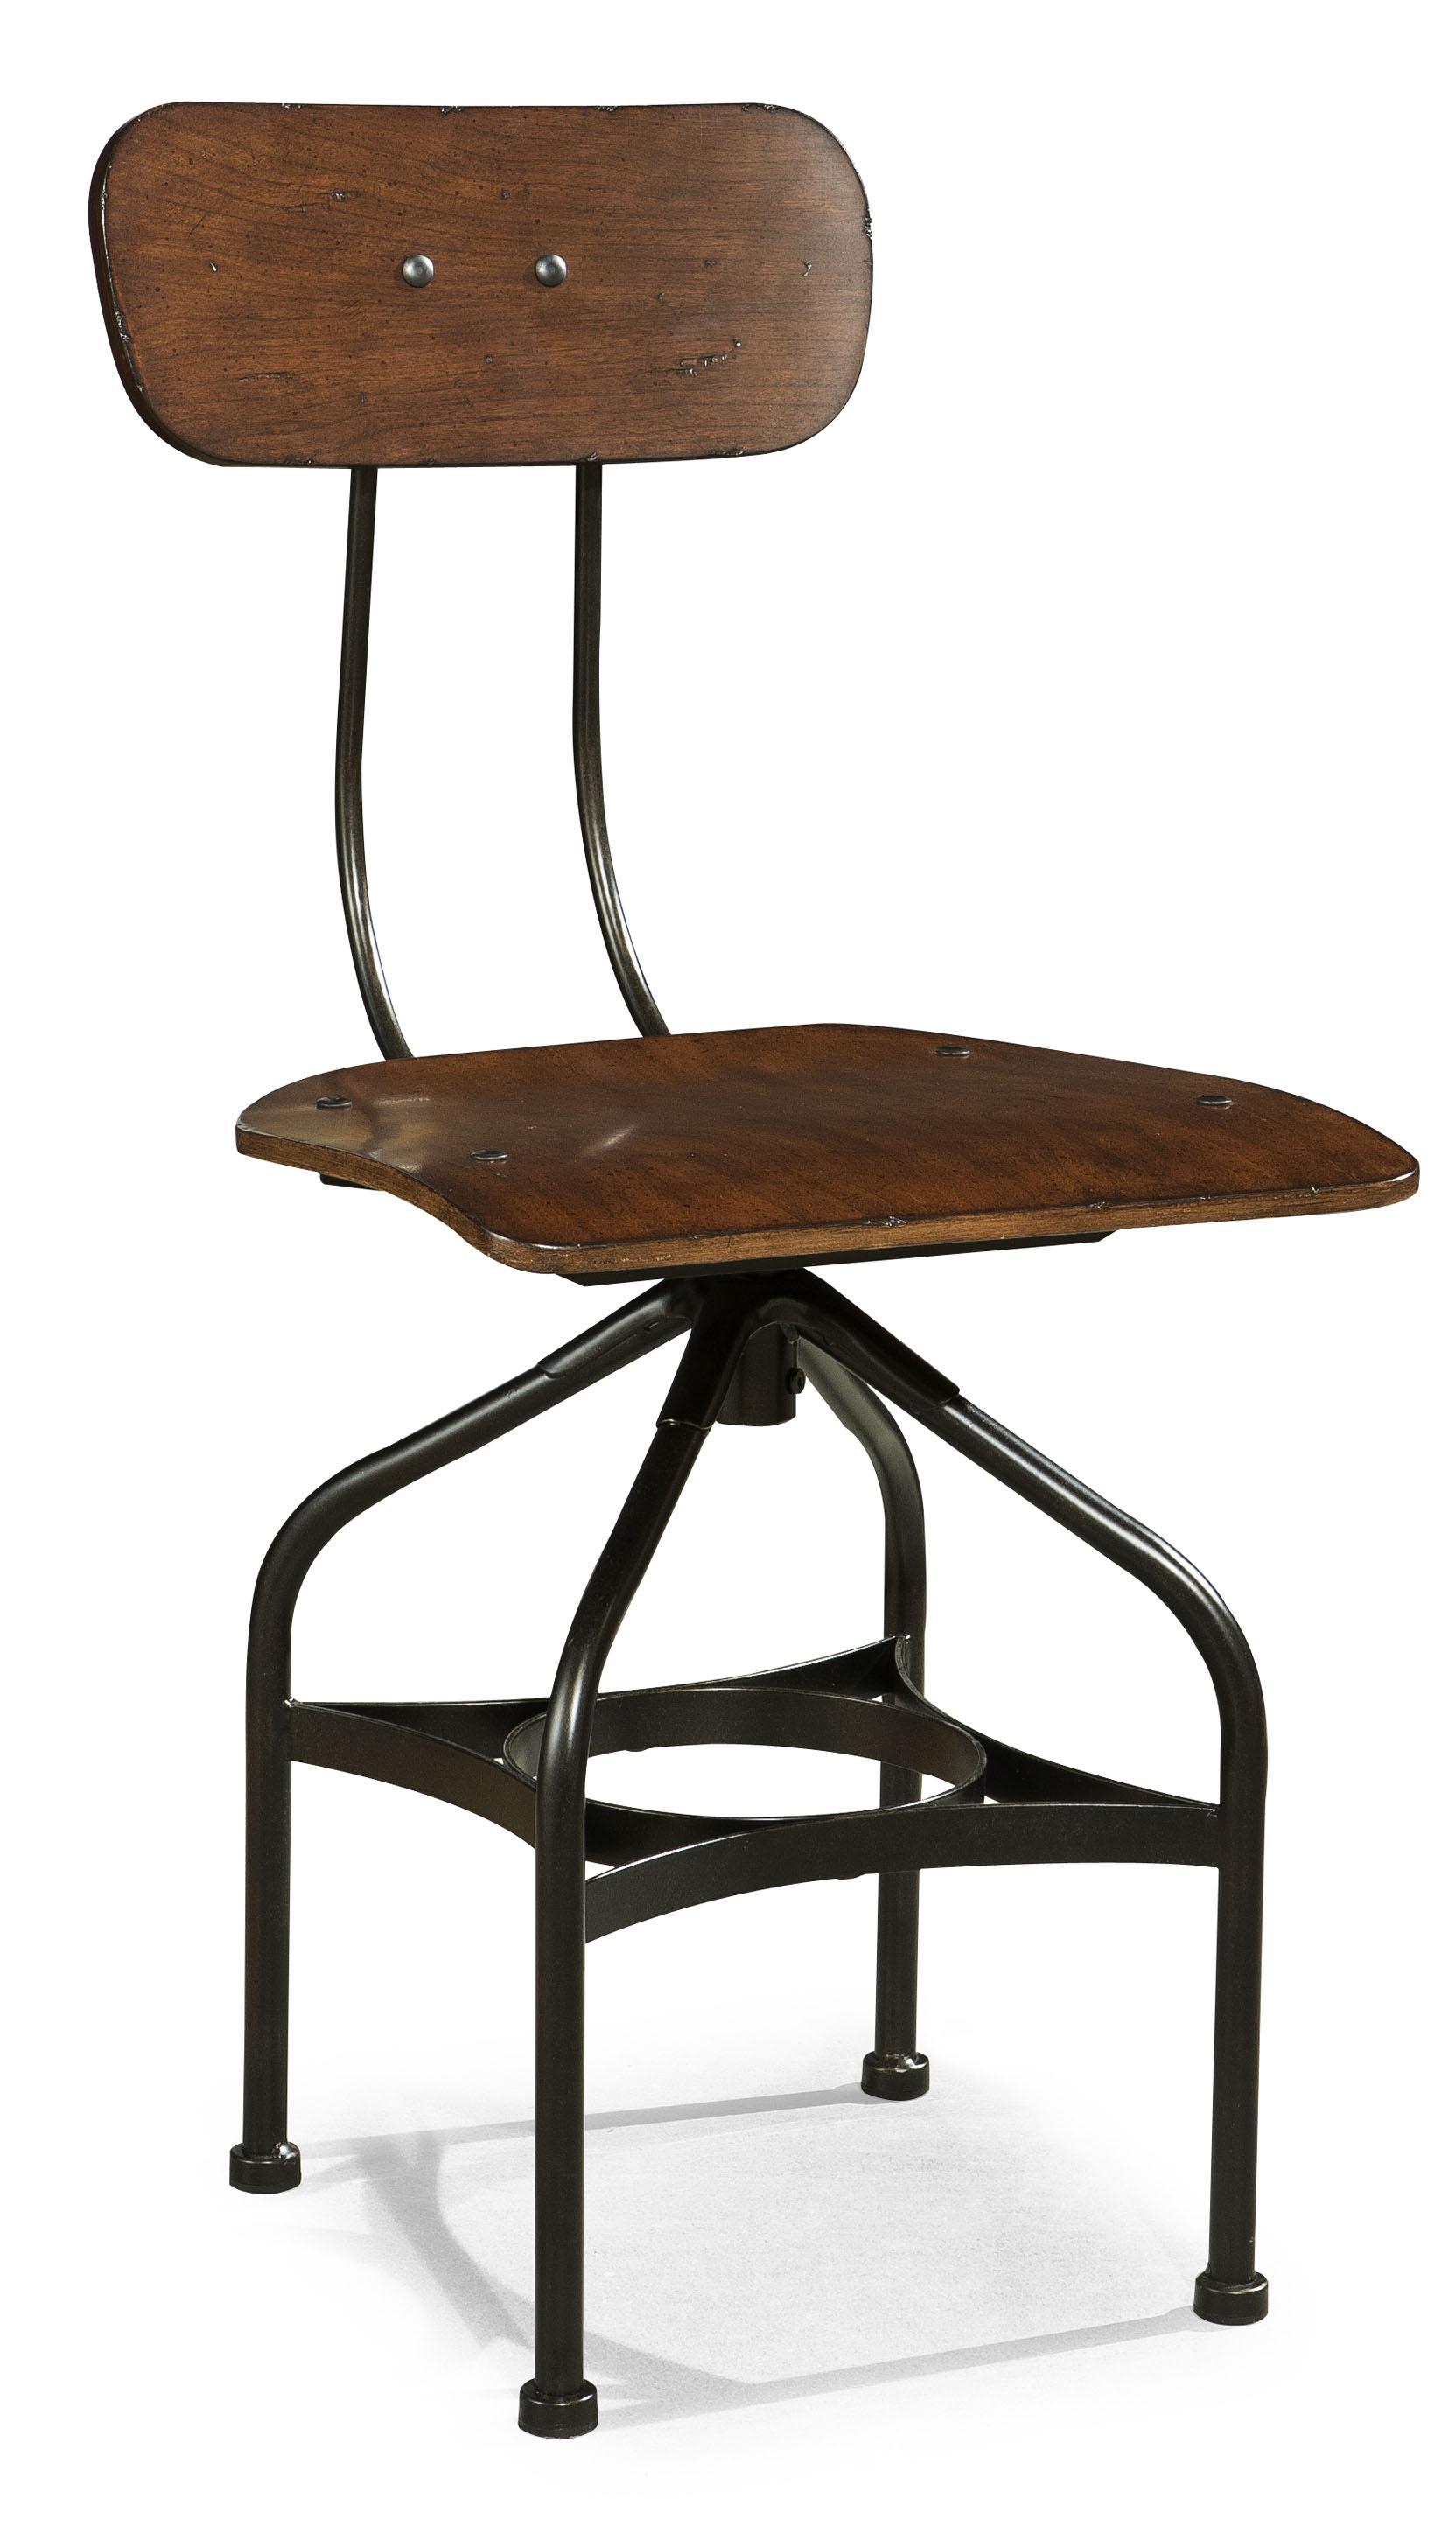 Legacy Classic Kids Dawsons Ridge Desk Chair - Item Number: 2960-640 KD